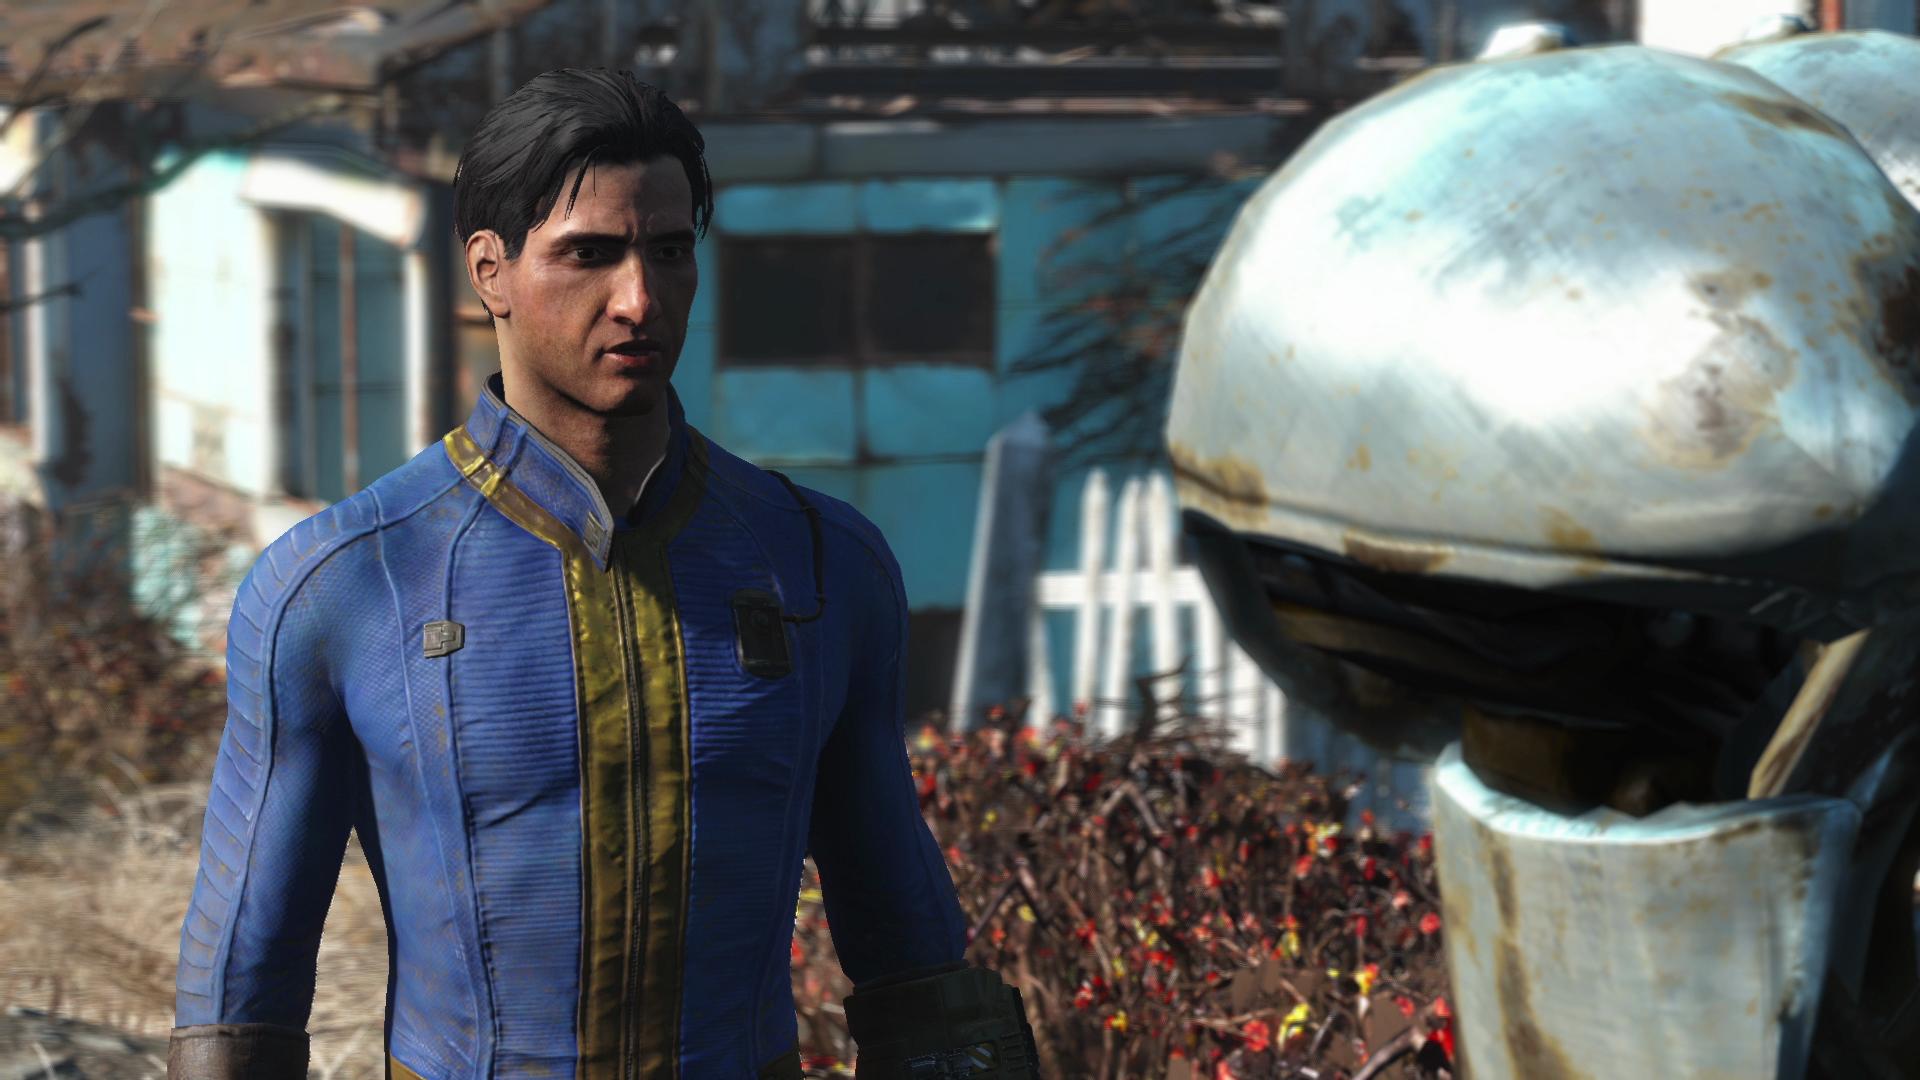 Fallout4_E3_Codsworth2_1434323962